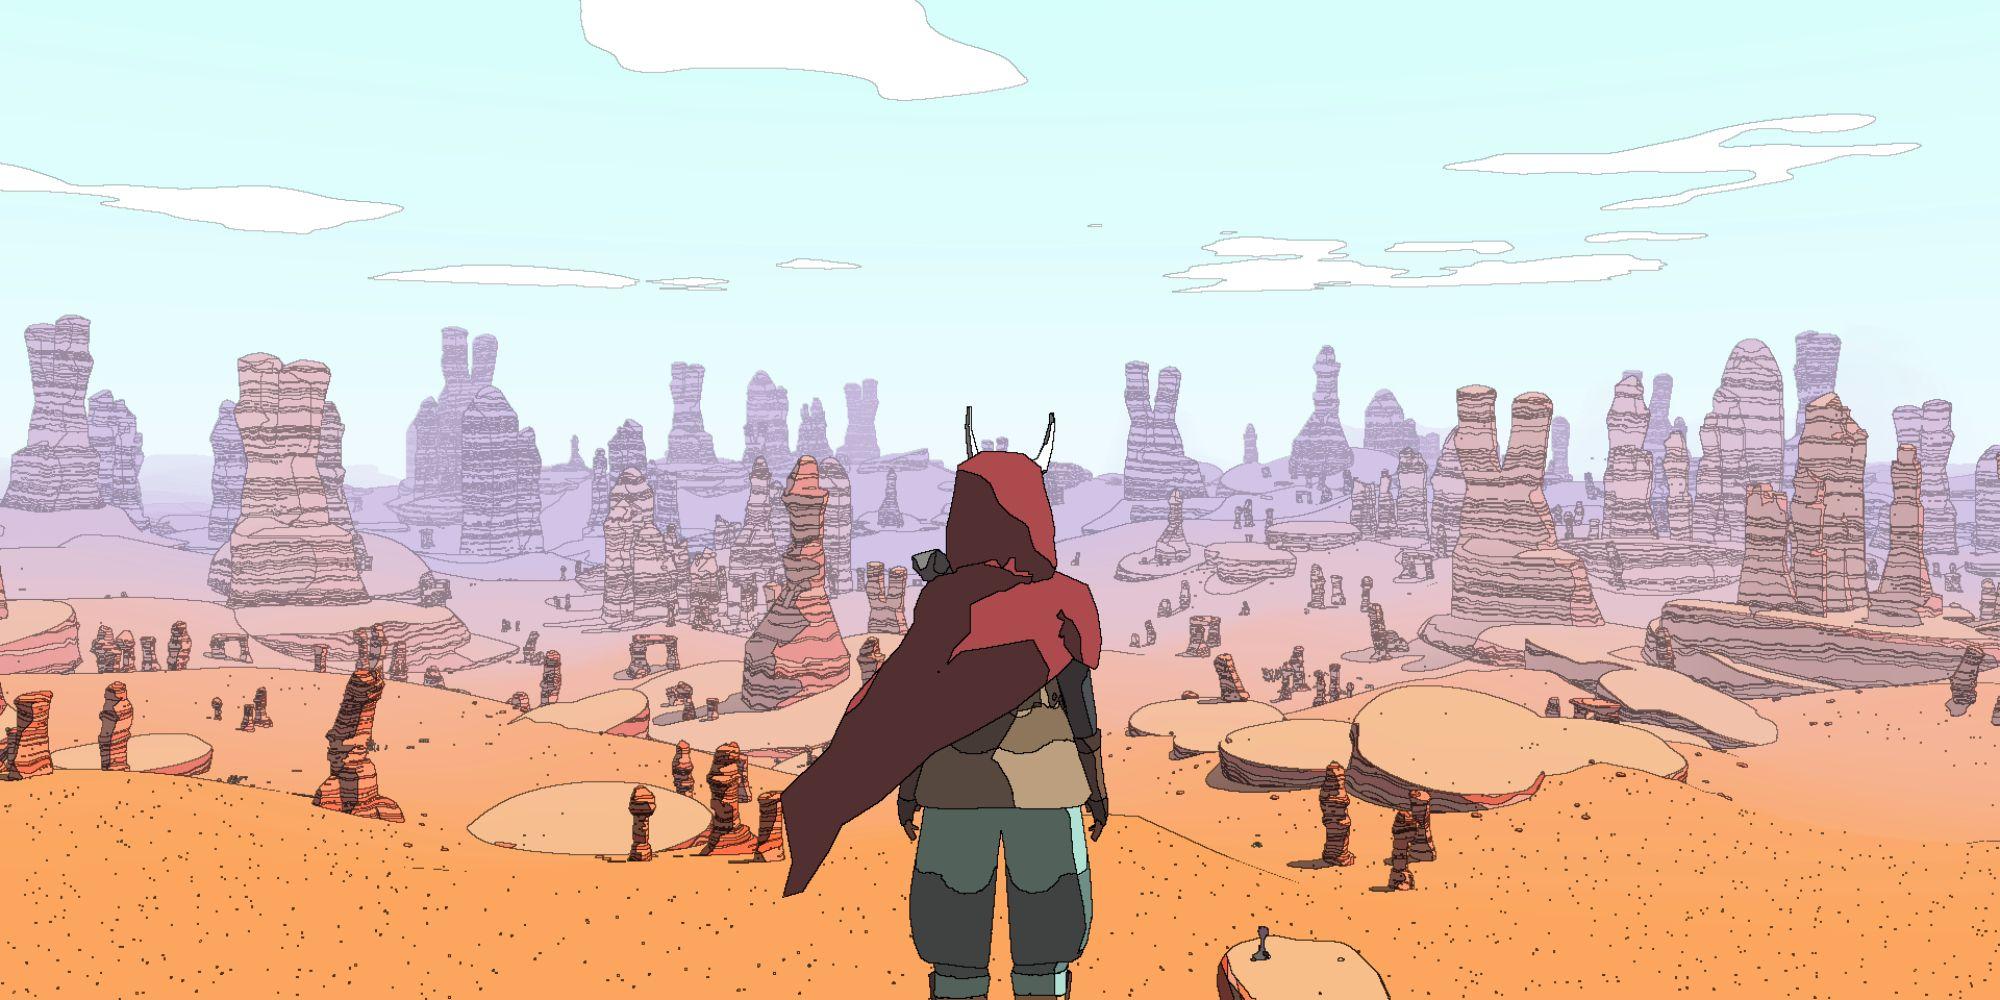 ¿Cuánto tiempo se tarda en vencer al sable?